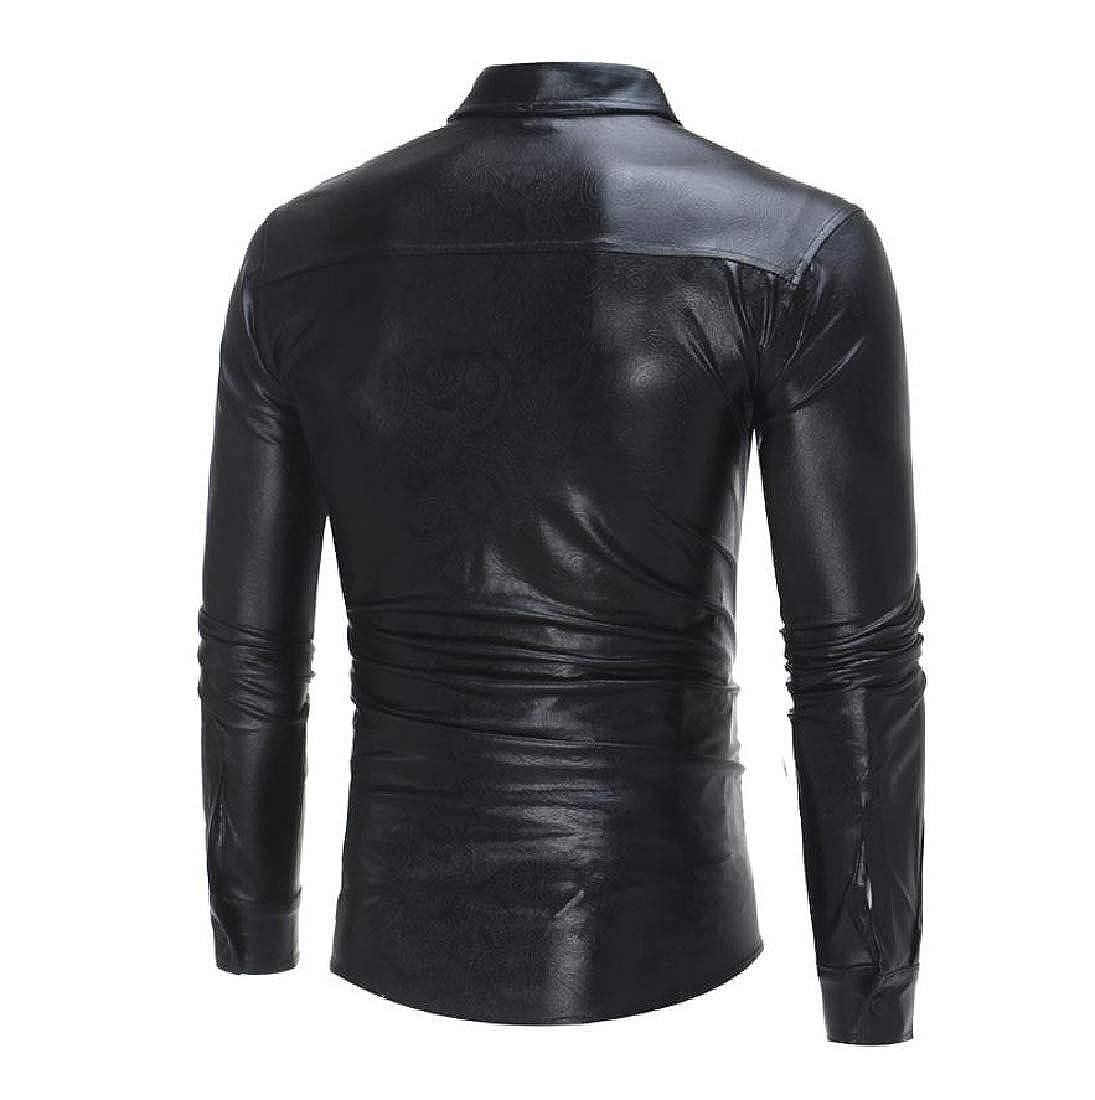 YUNY Mens Club Button-Down-Shirts Long Sleeve Flexible Fit Shirts Black L